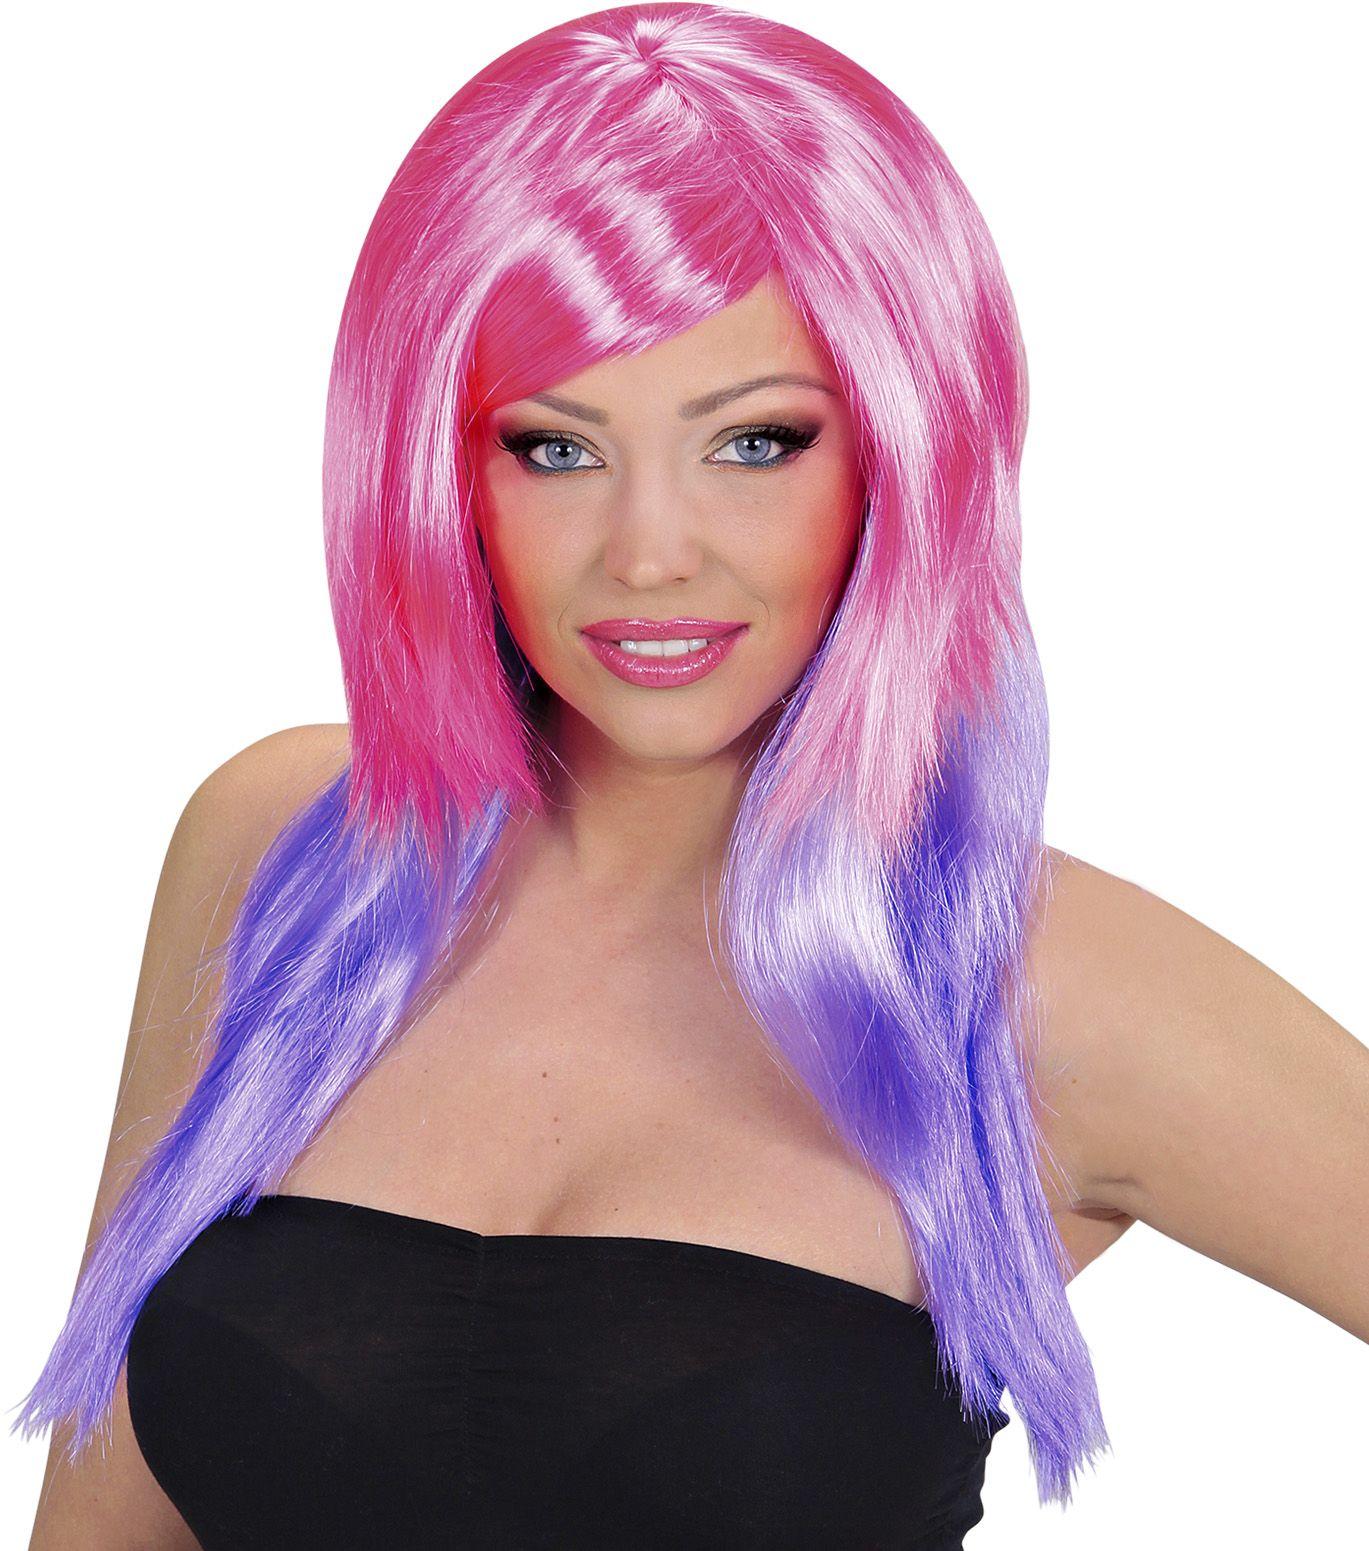 Roze-paarse pruik lang haar